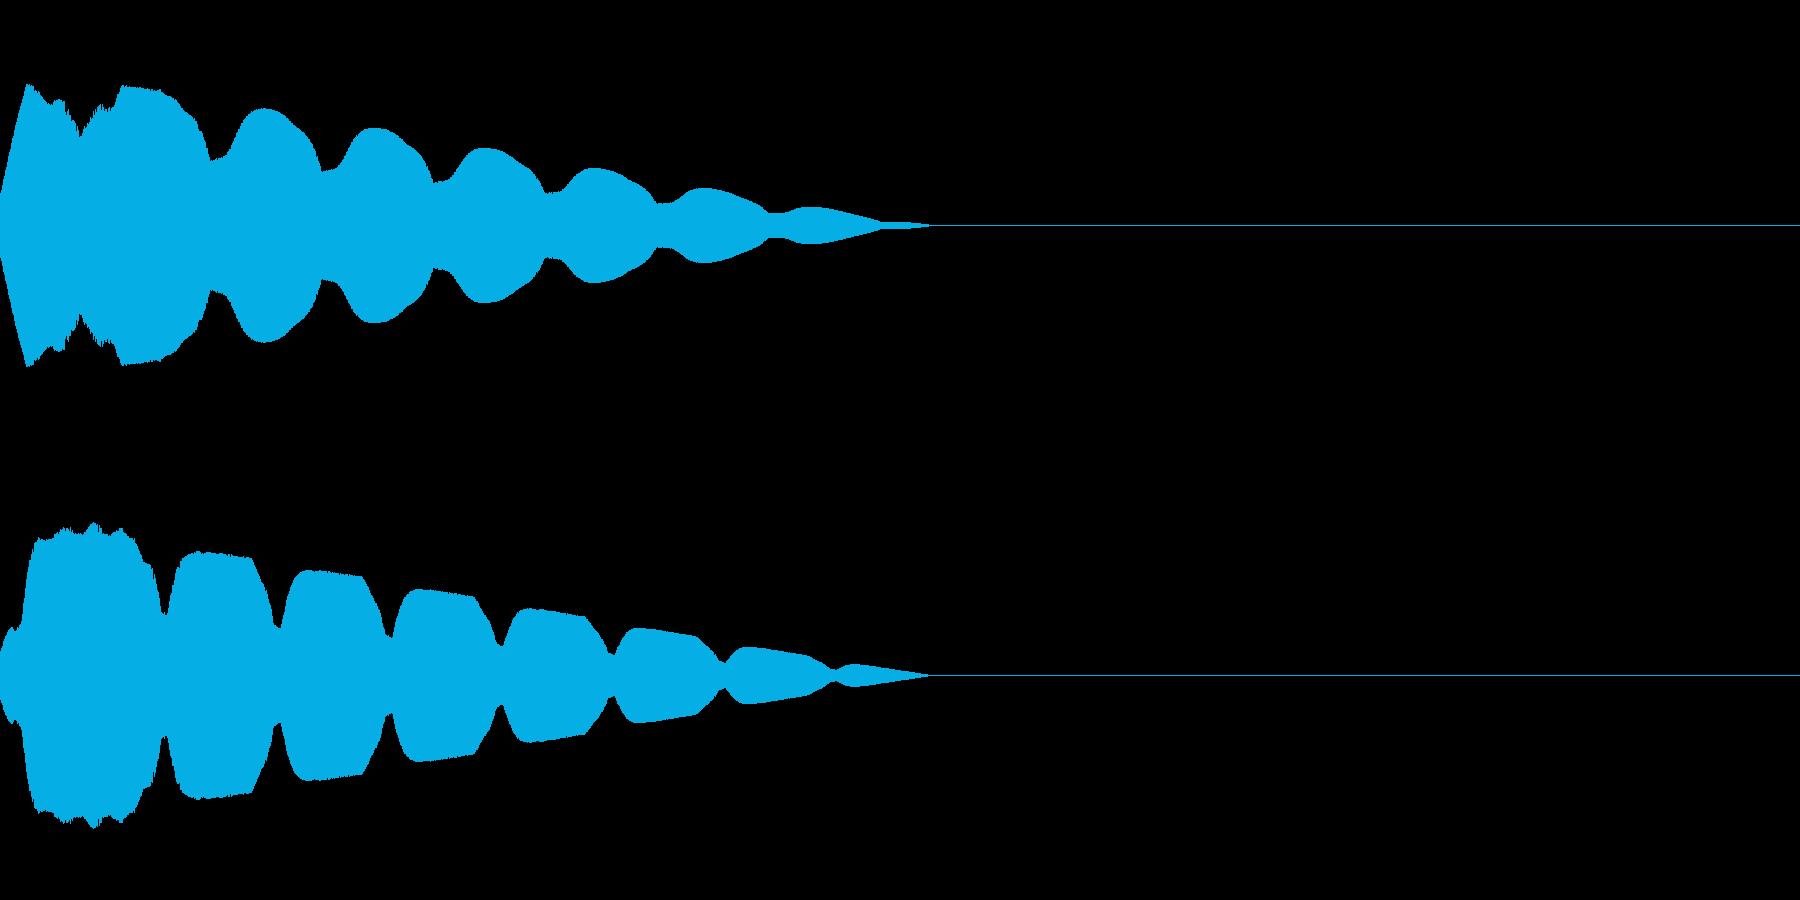 キュイン(飛ばされて星になる タイプ7)の再生済みの波形